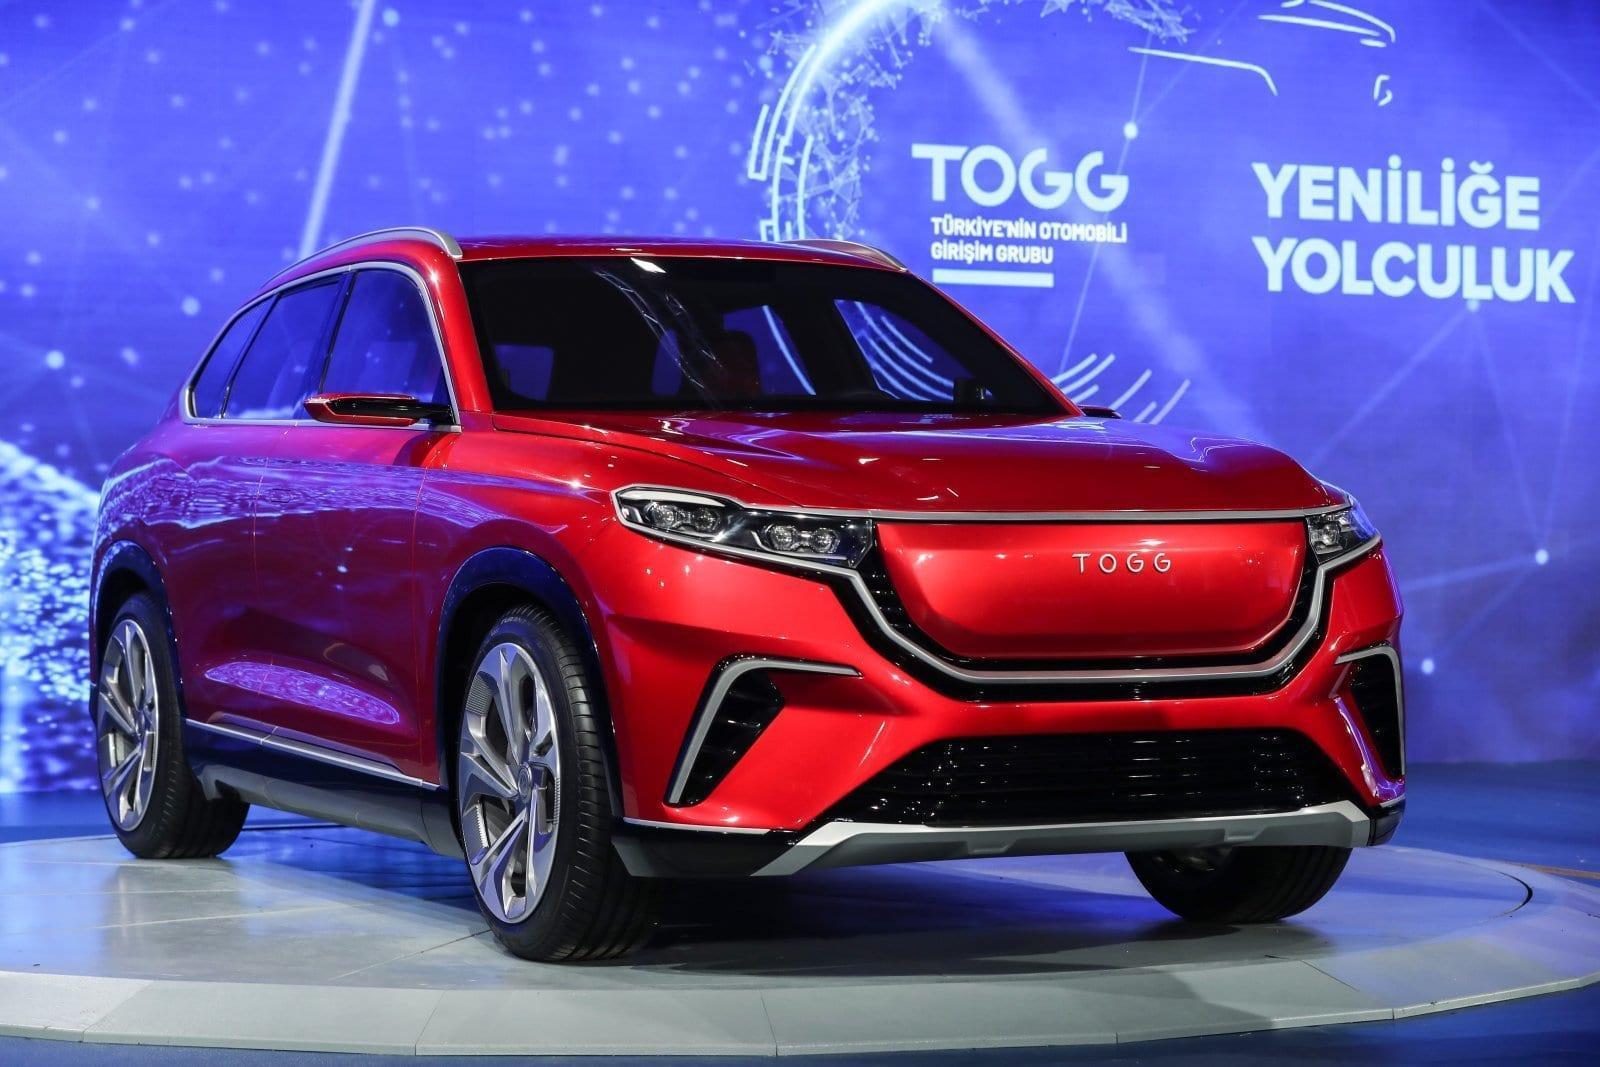 Первый автомобиль Турции - электрический внедорожник TOGG (dims 3 1)